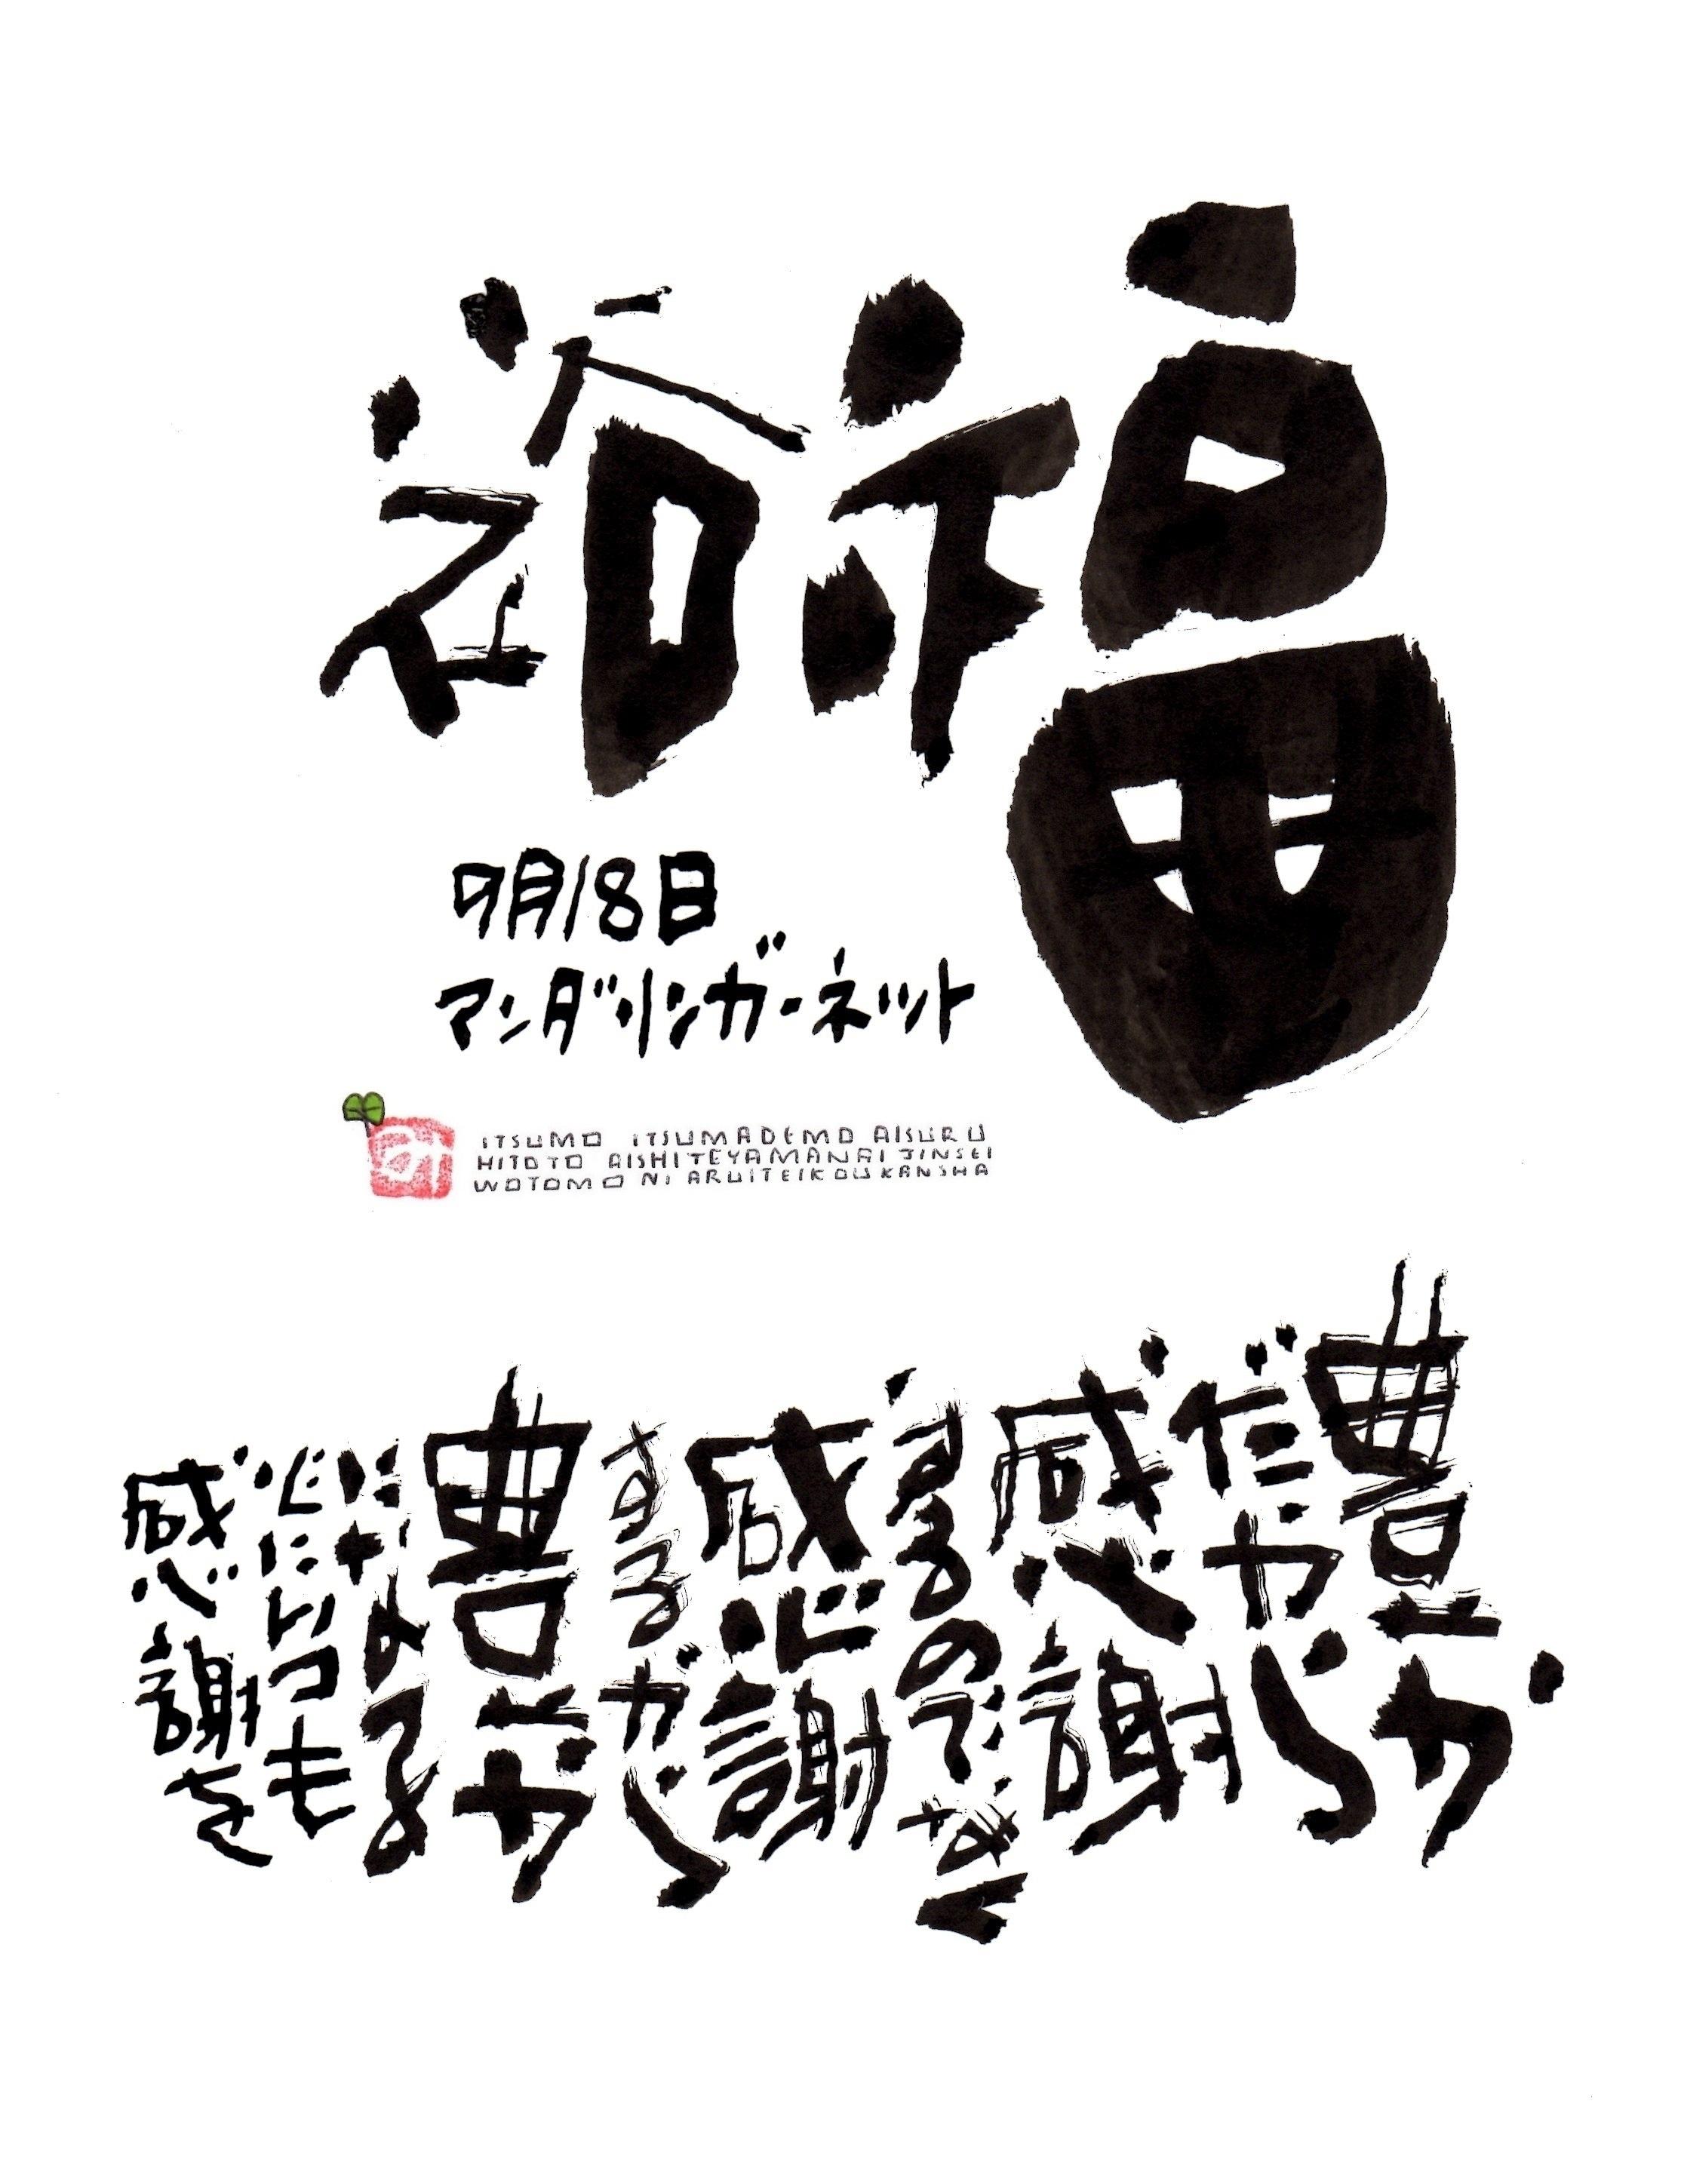 9月18日 結婚記念日ポストカード【裕福】